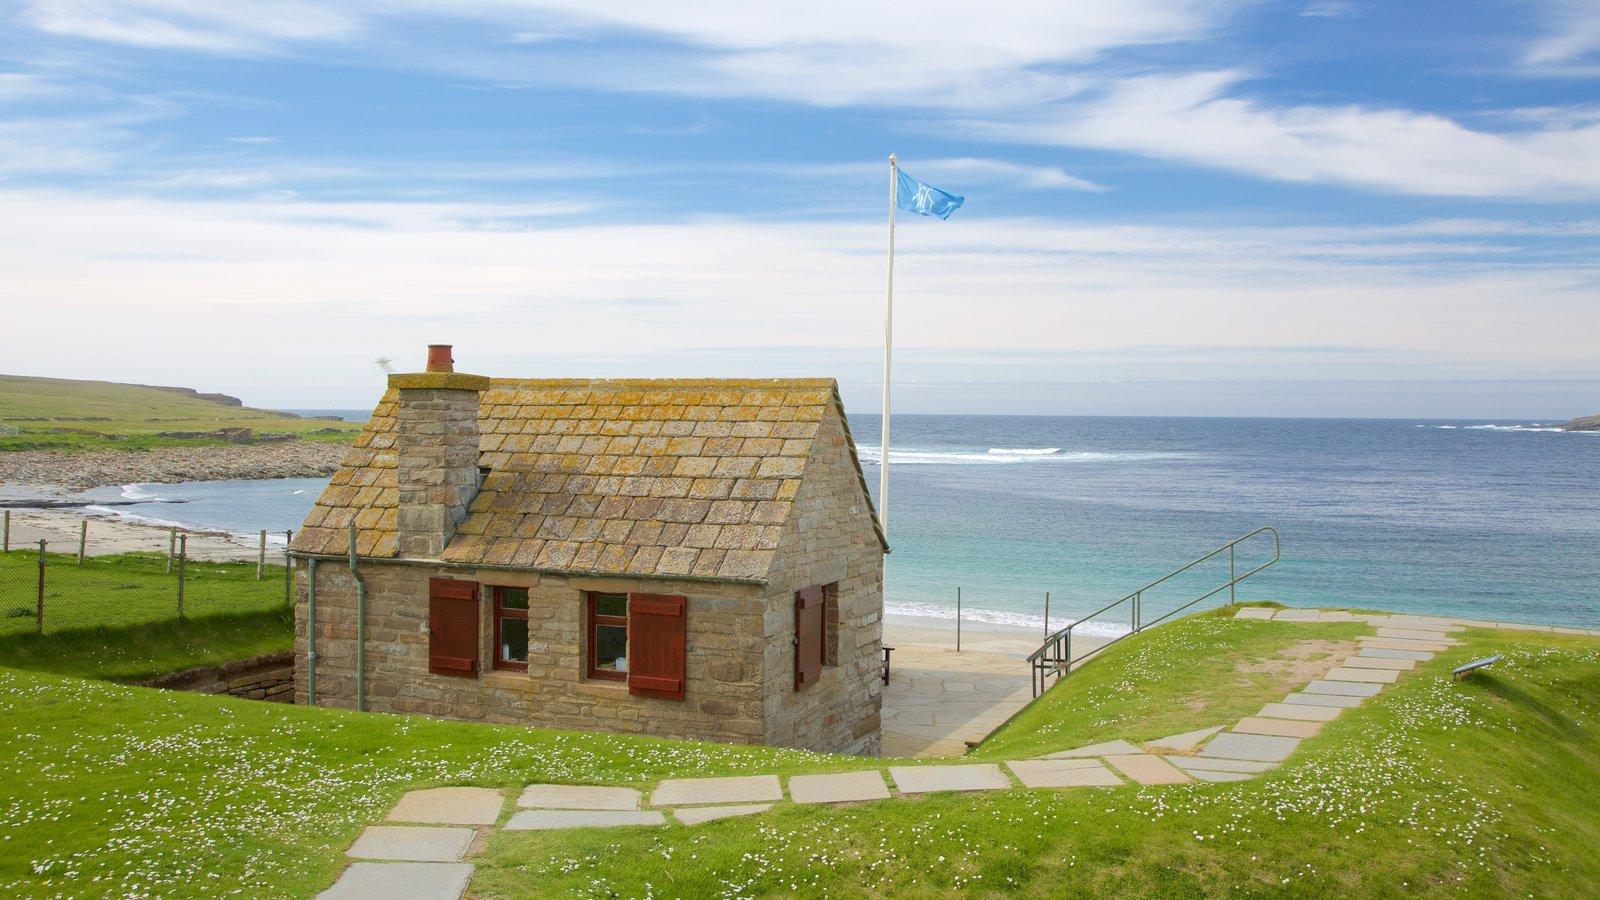 Skara Brae featuring a bay or harbor, a house and a beach